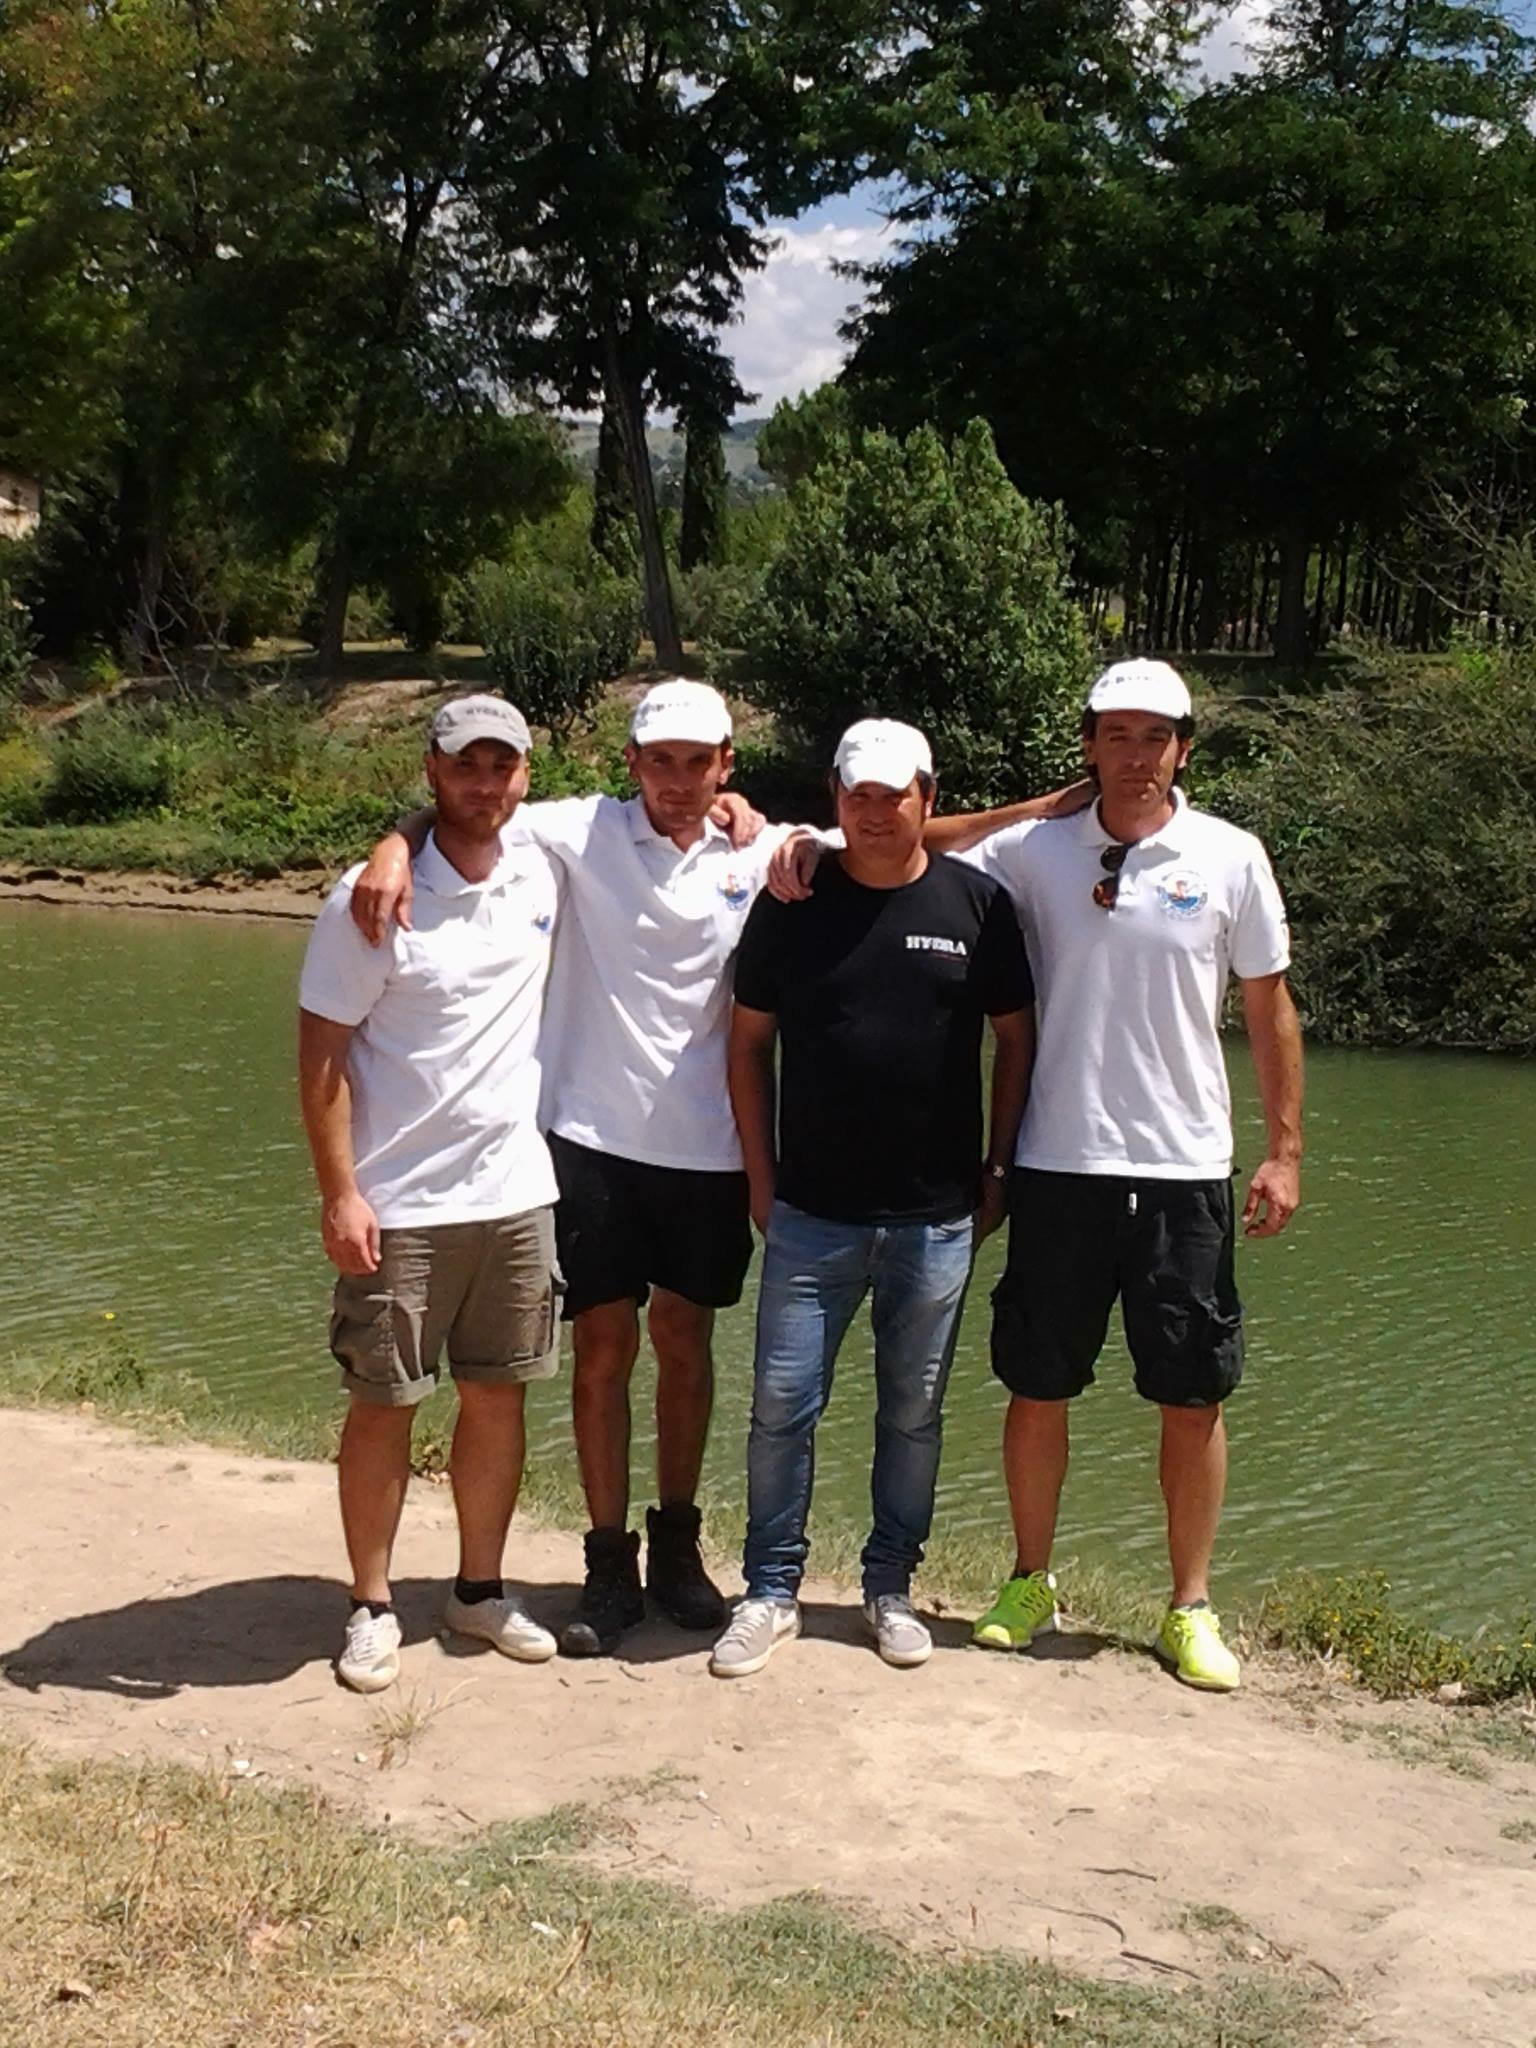 squadra D ASD Lenza Petrignanese Hydra   vincente campionato( Cambiotti Alessio, Coraggi Roberto, Catasti Marco, Famiani Roberto)